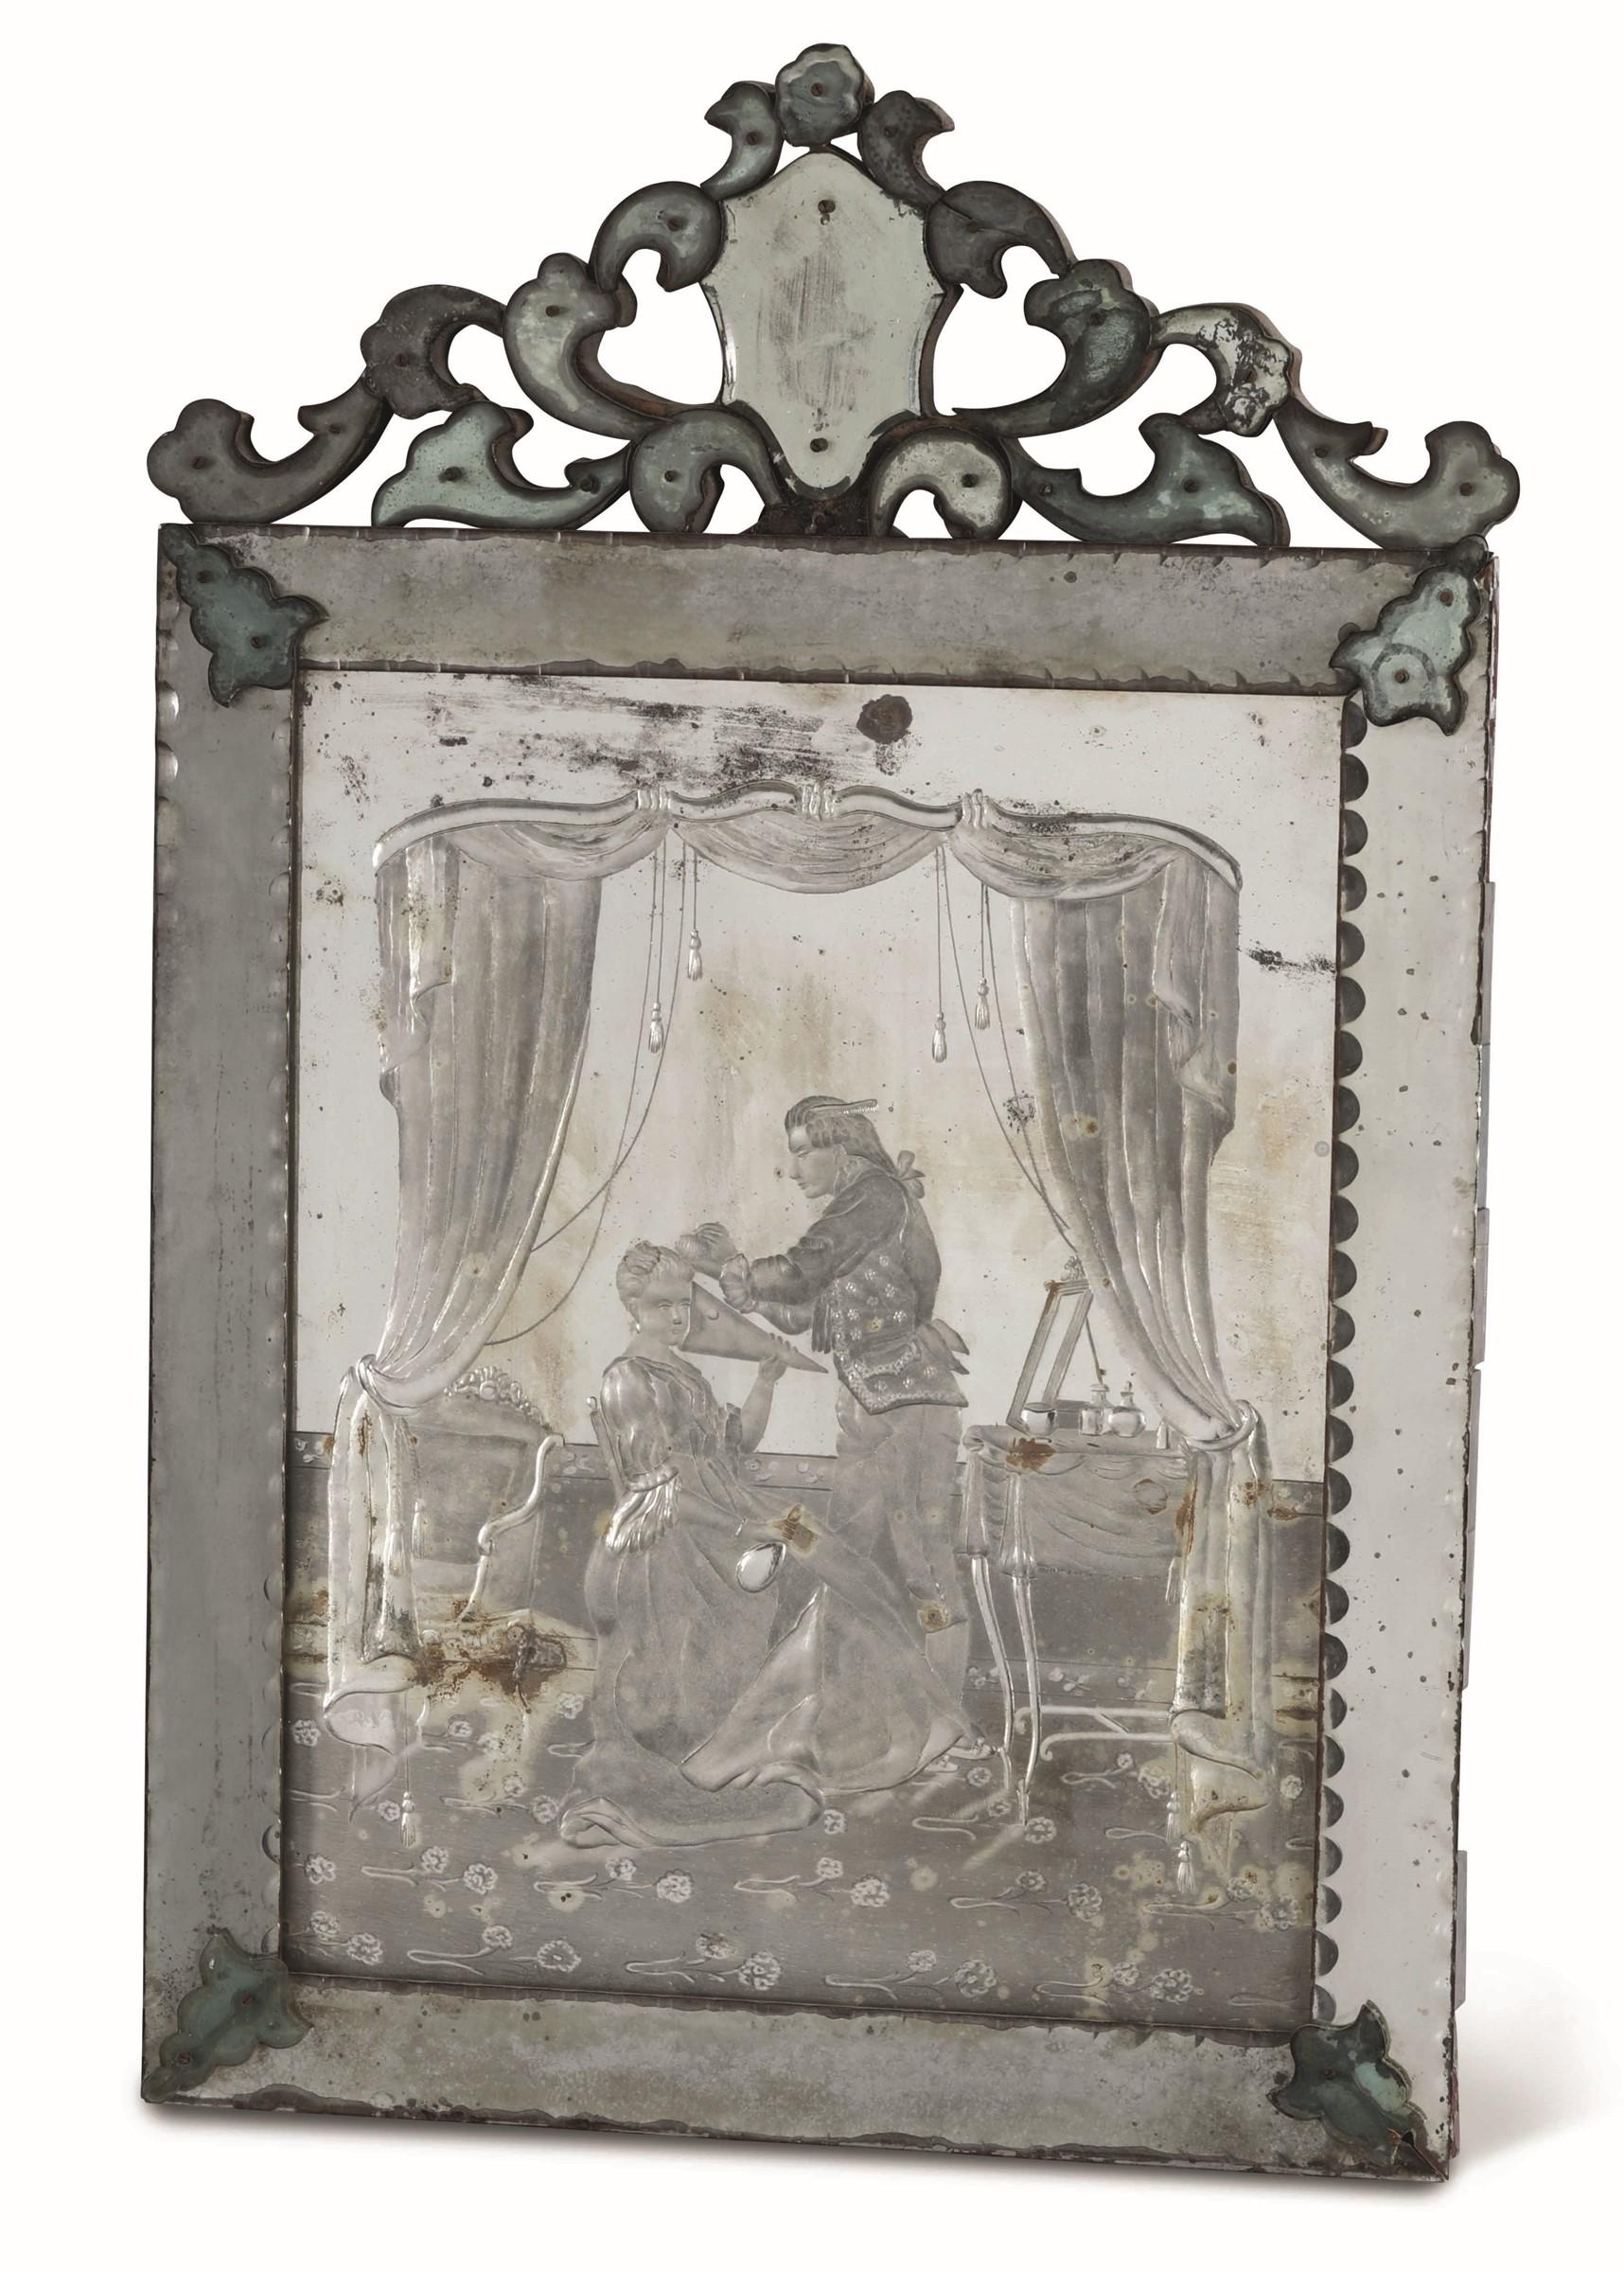 Tre specchiere in vetro di Murano soffiato molato e inciso, Murano(?) seconda metà [...] - Image 2 of 3